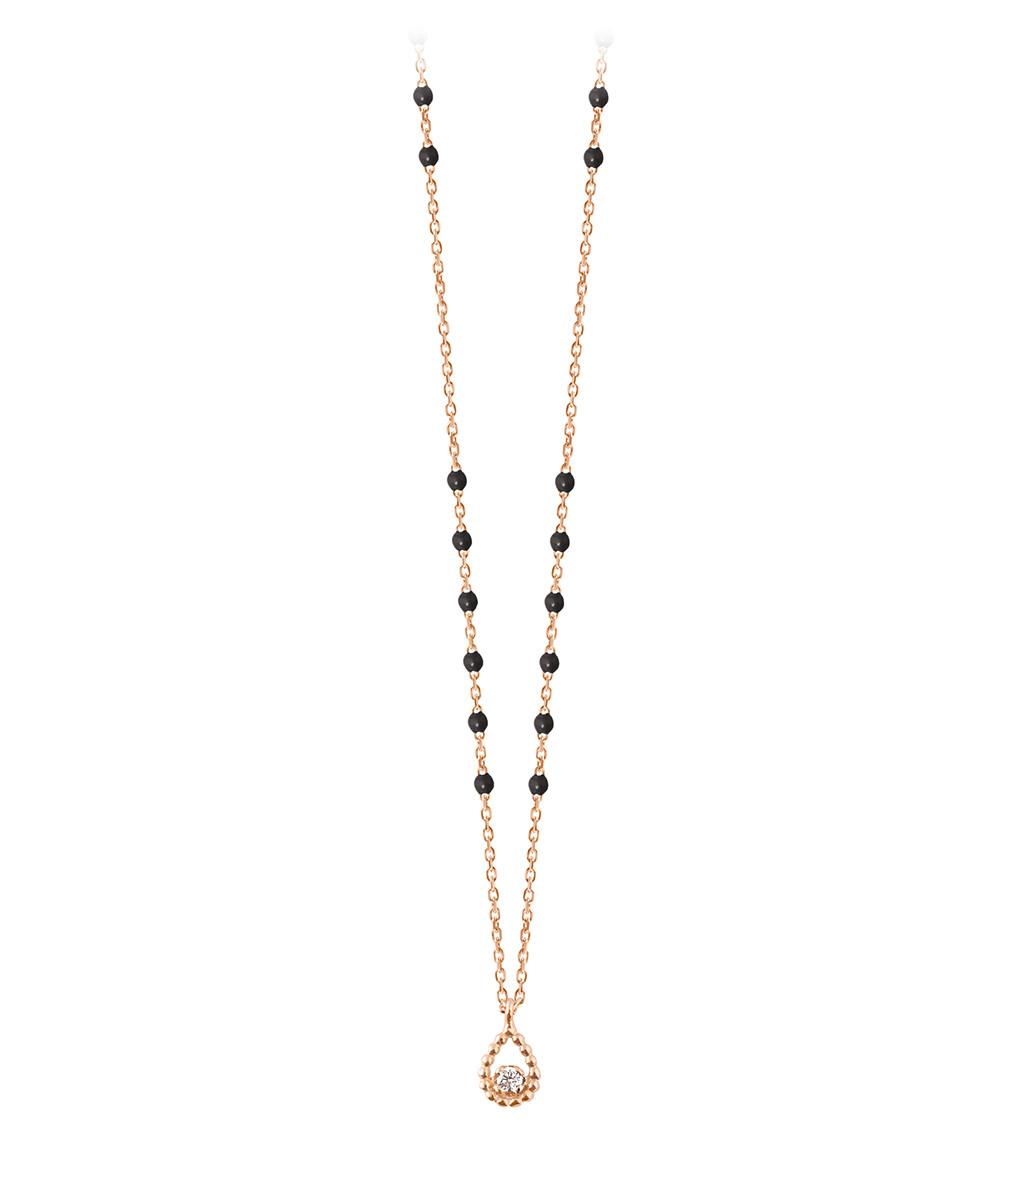 GIGI CLOZEAU - Collier Mini Perles Résine Poire Or